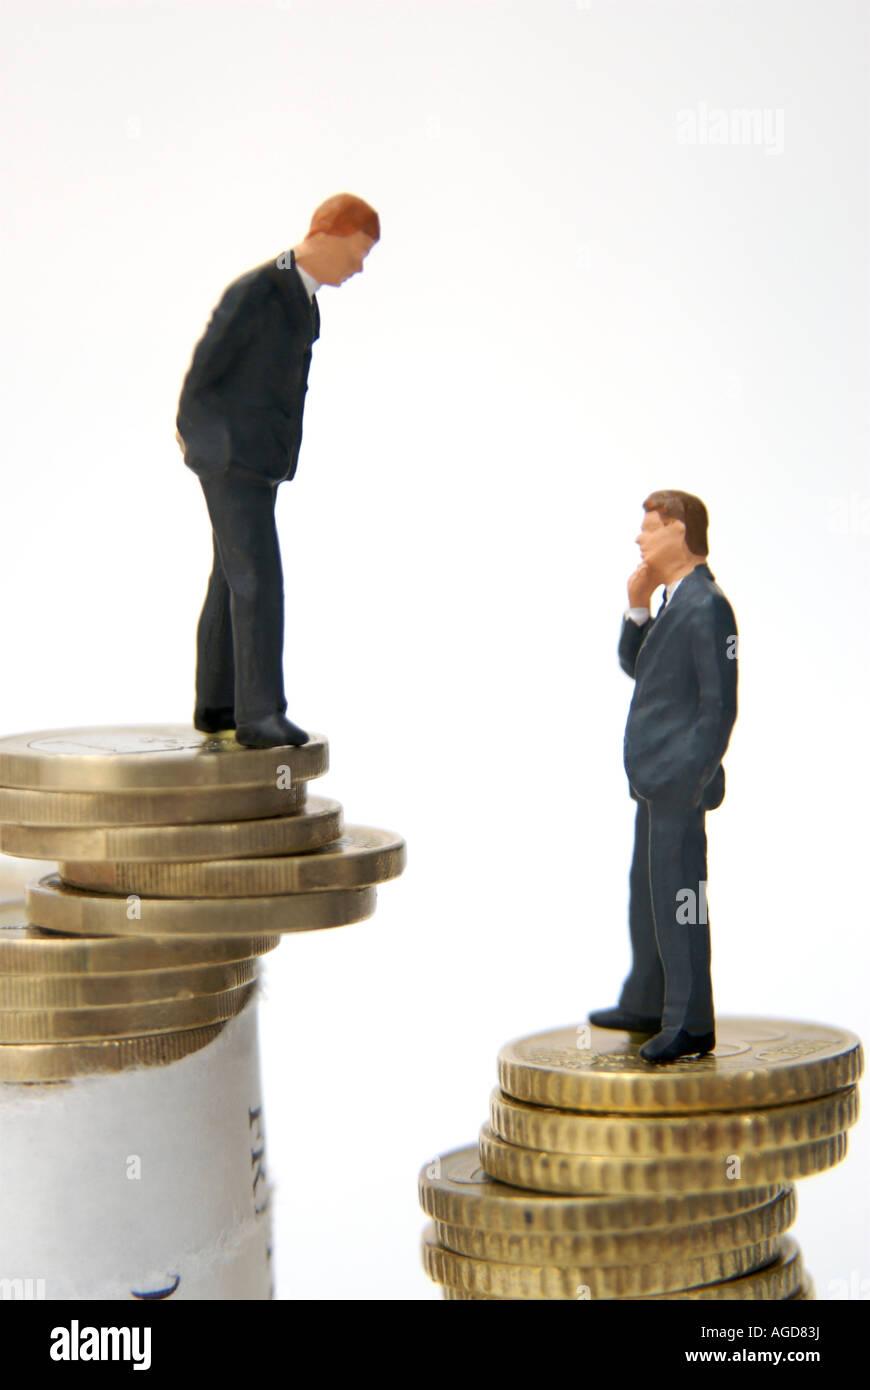 Entreprises / voyage / prêt / finances / prendre / investissement - deux figures debout sur des piles de pièces Photo Stock